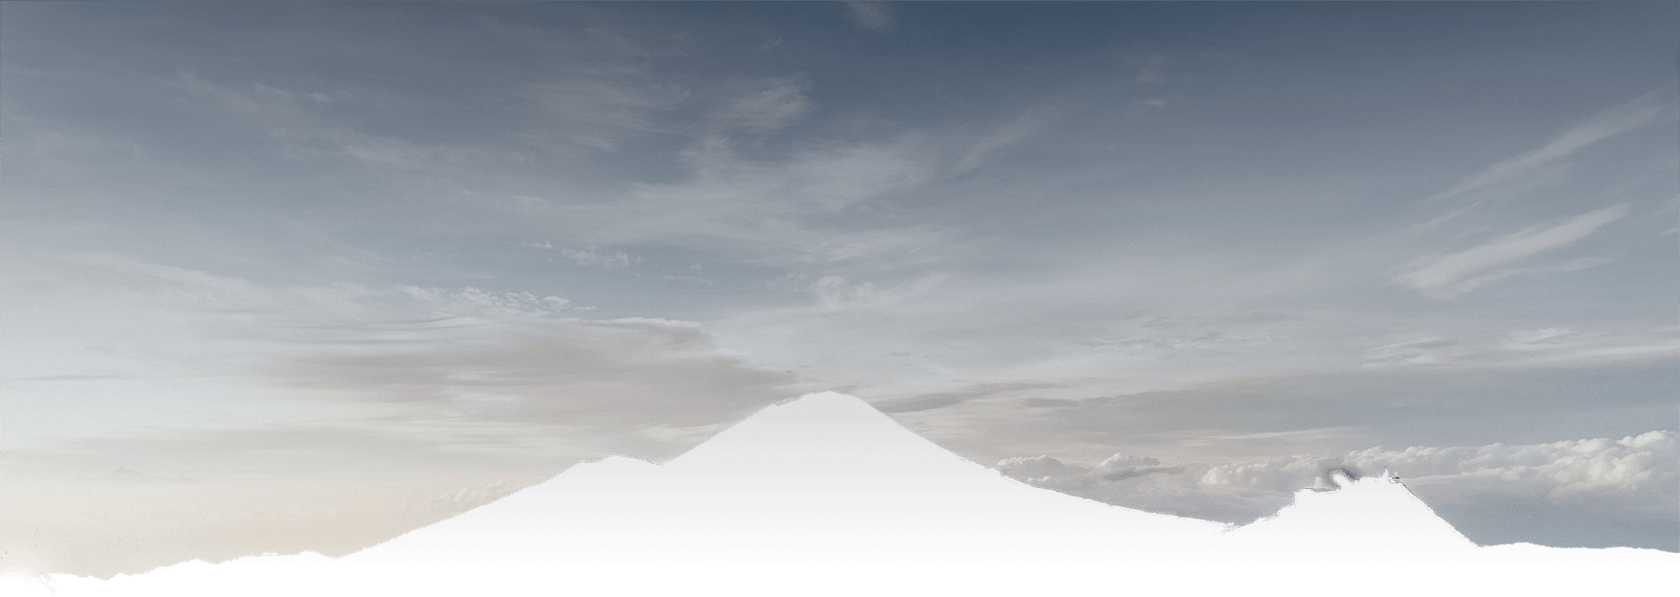 Berg achterste deel voor parallax effect